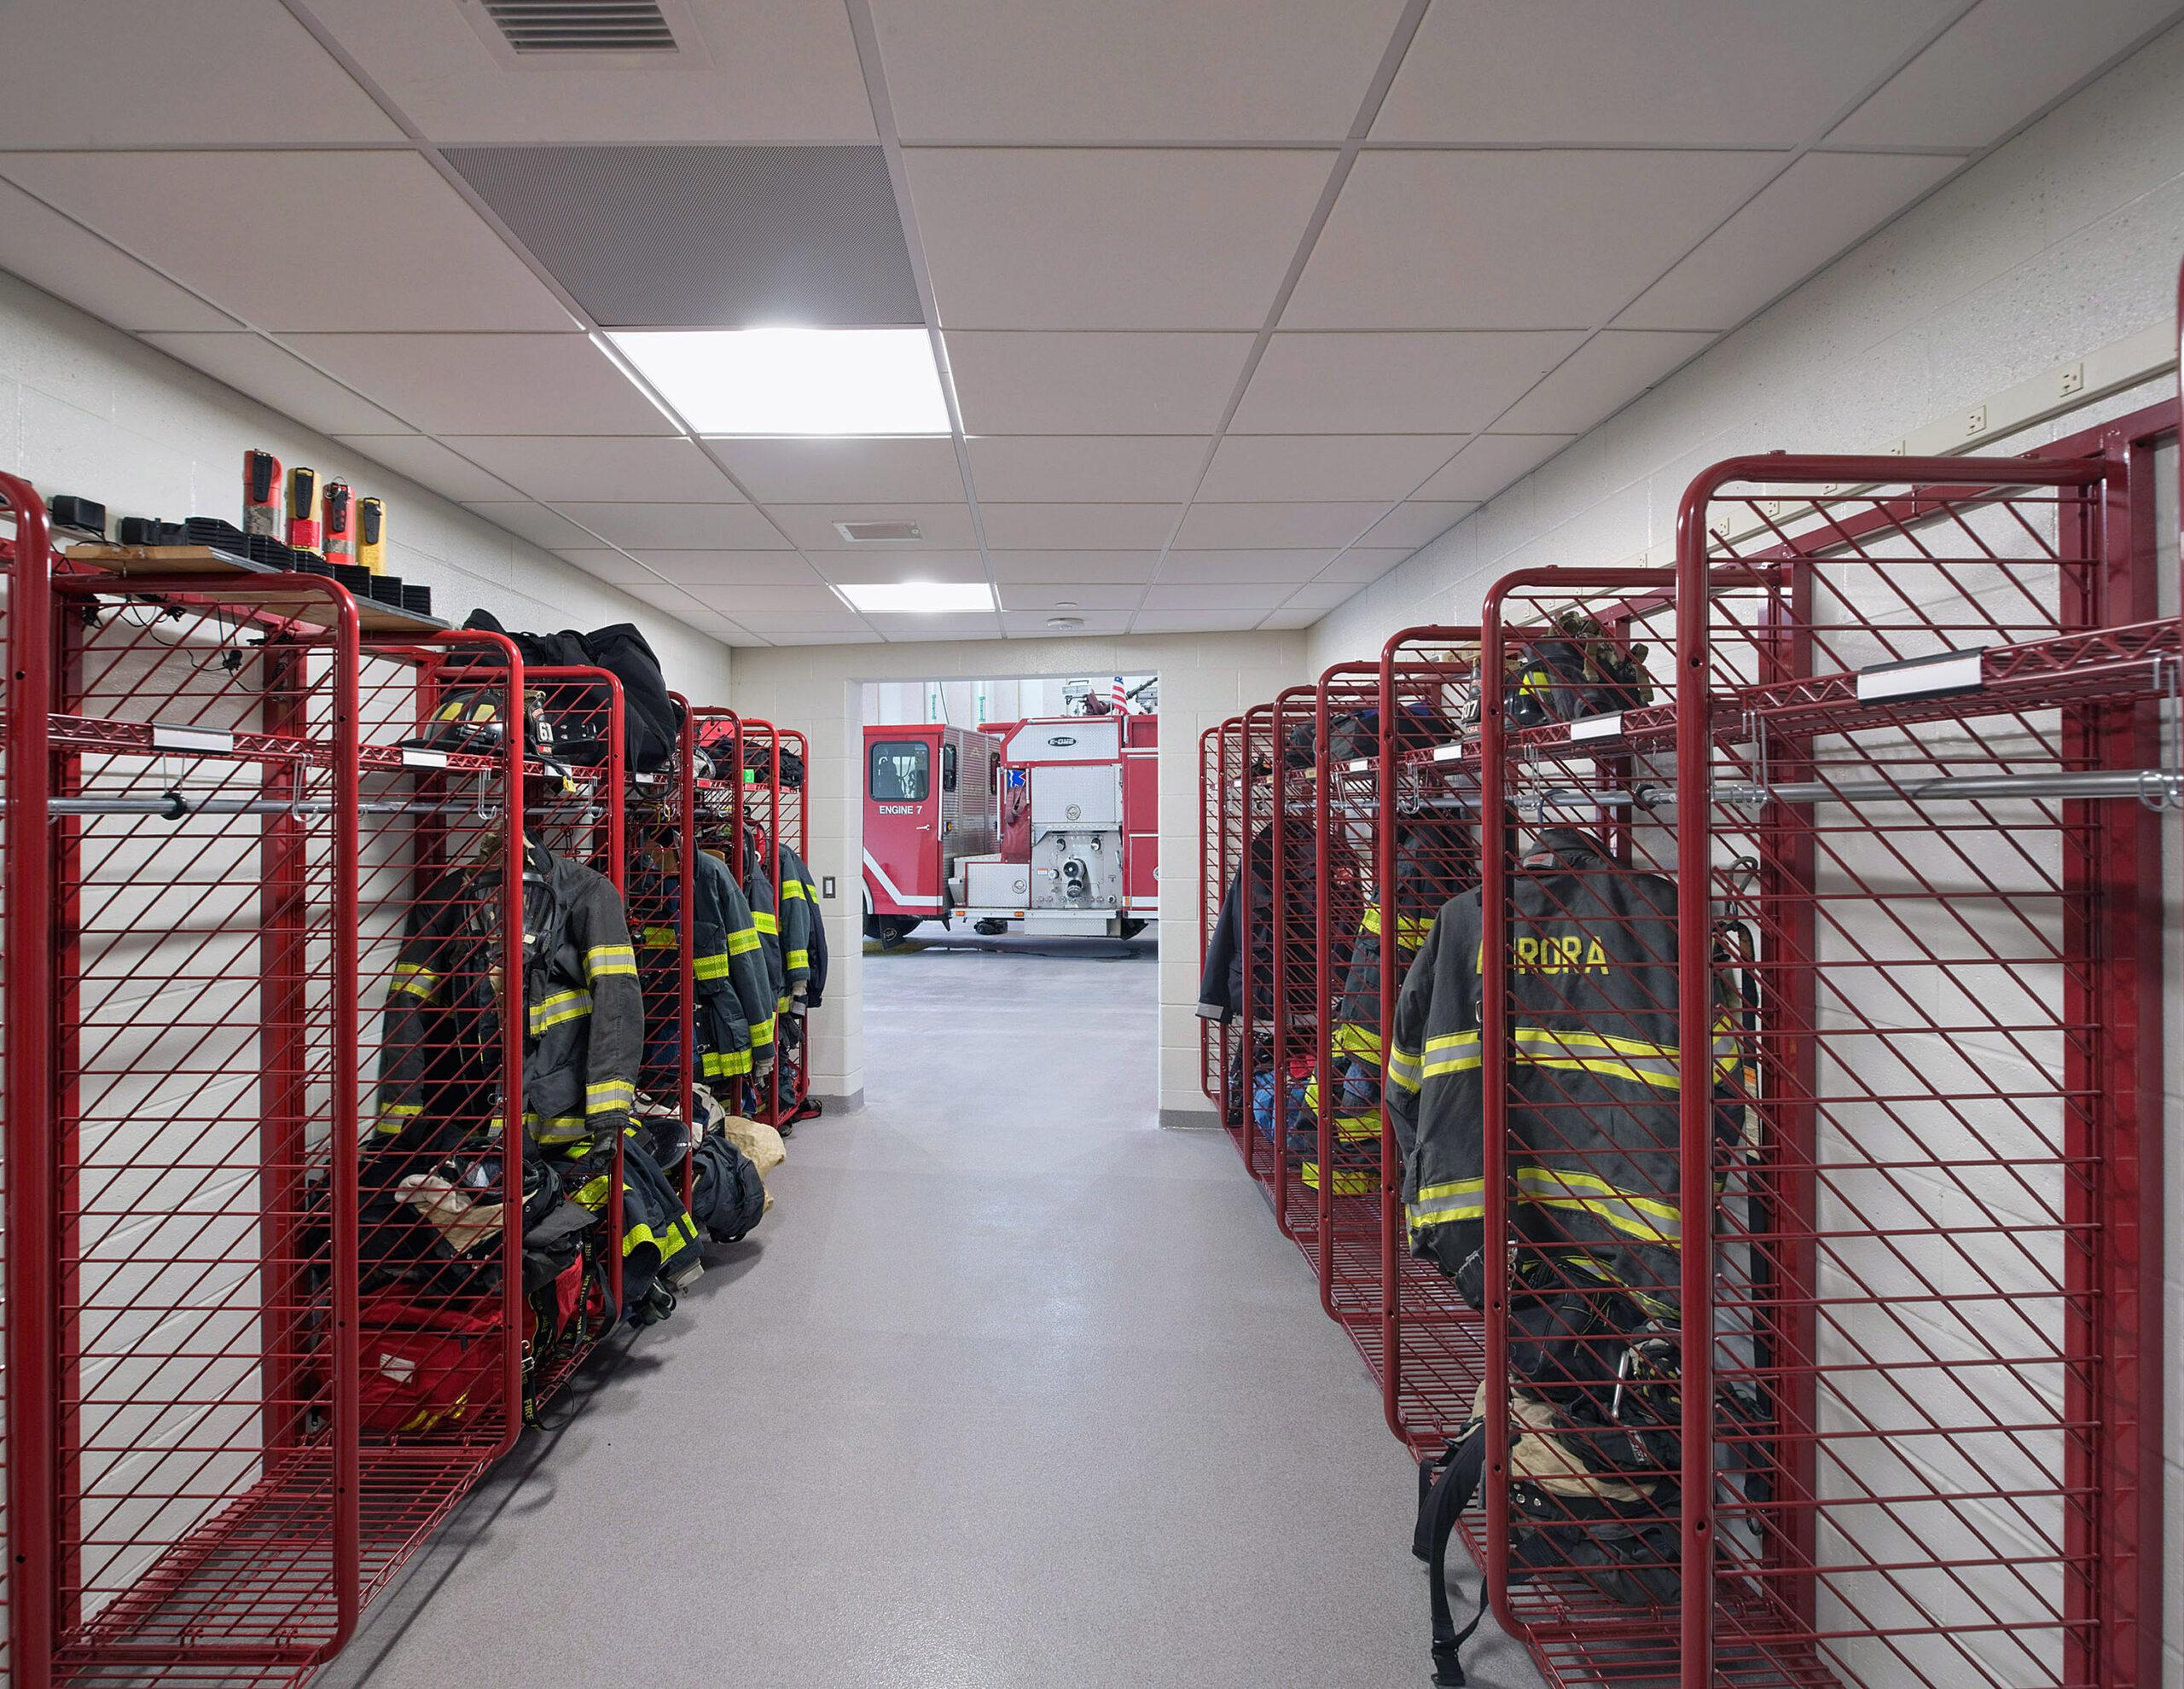 Aurora Fire House #7